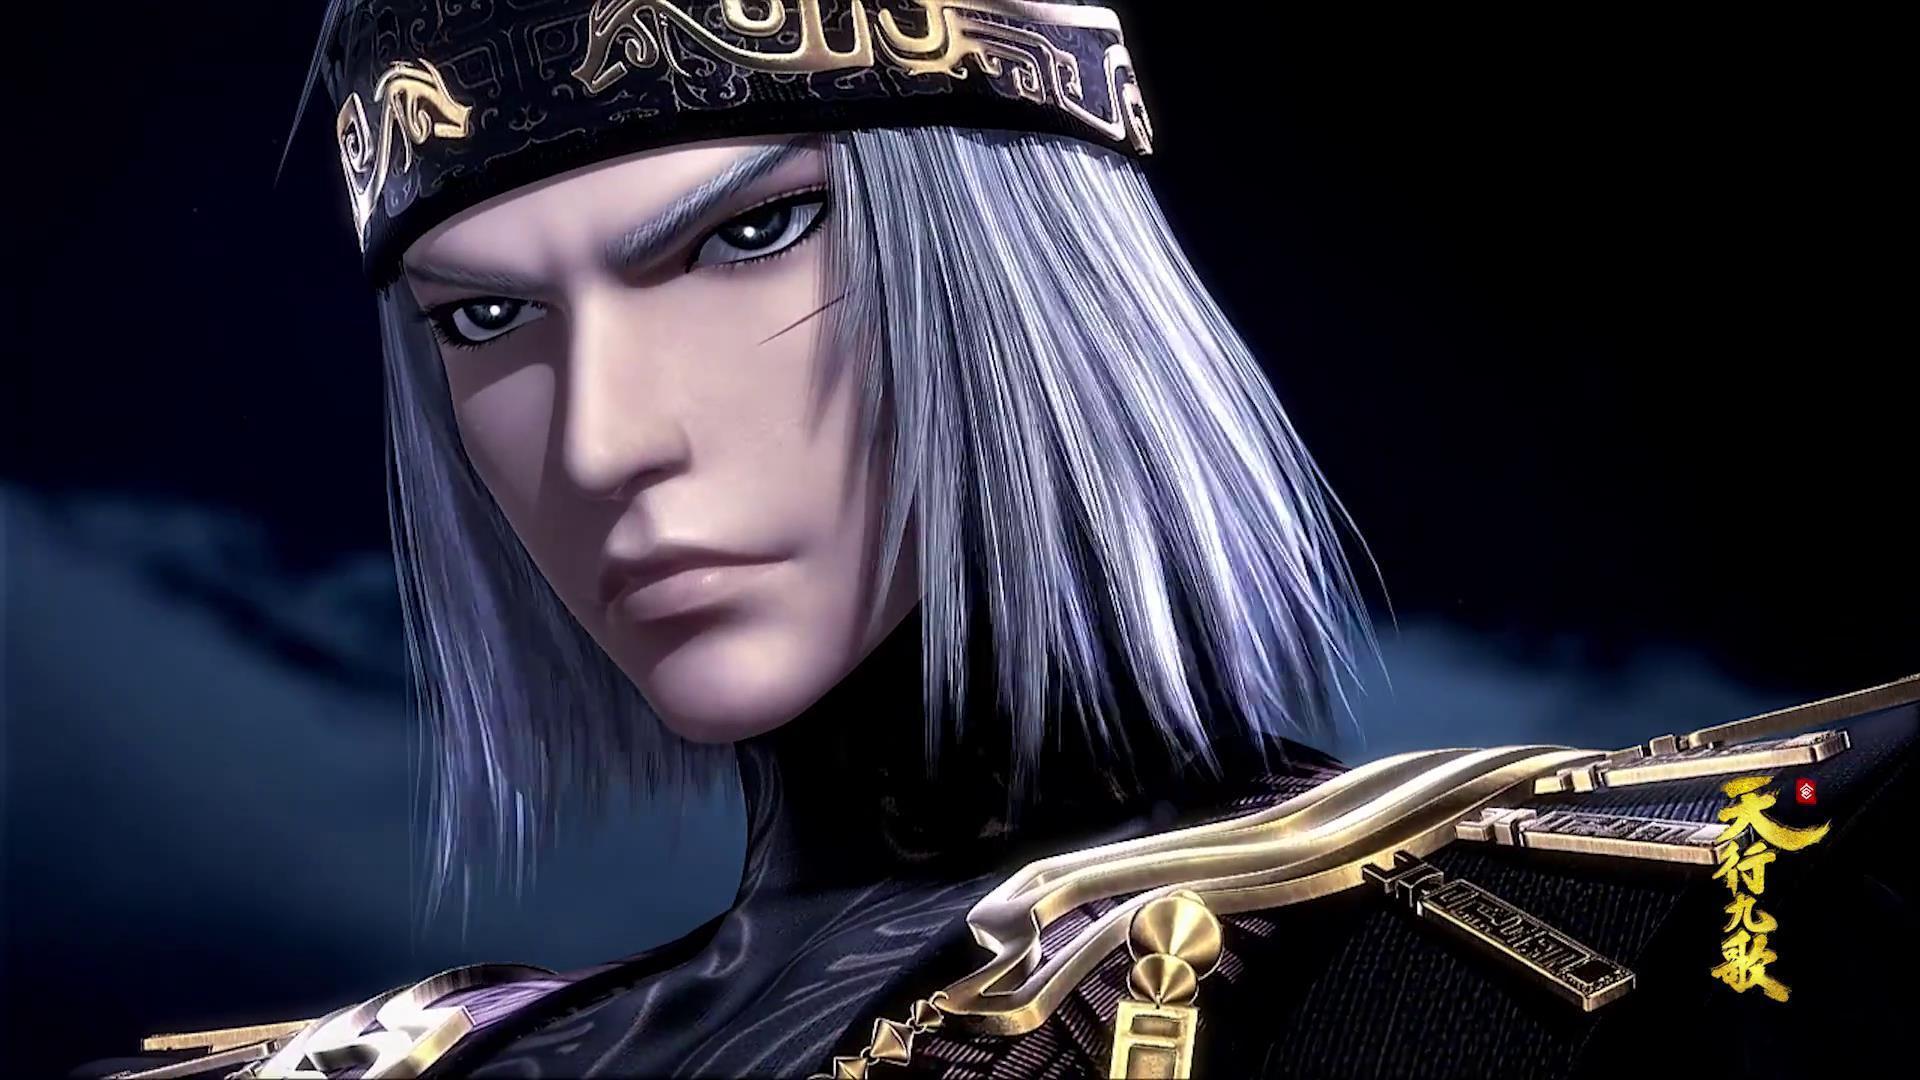 天行九歌:为什么有人会觉得卫庄那么帅呢?他究竟特殊在哪儿呢?